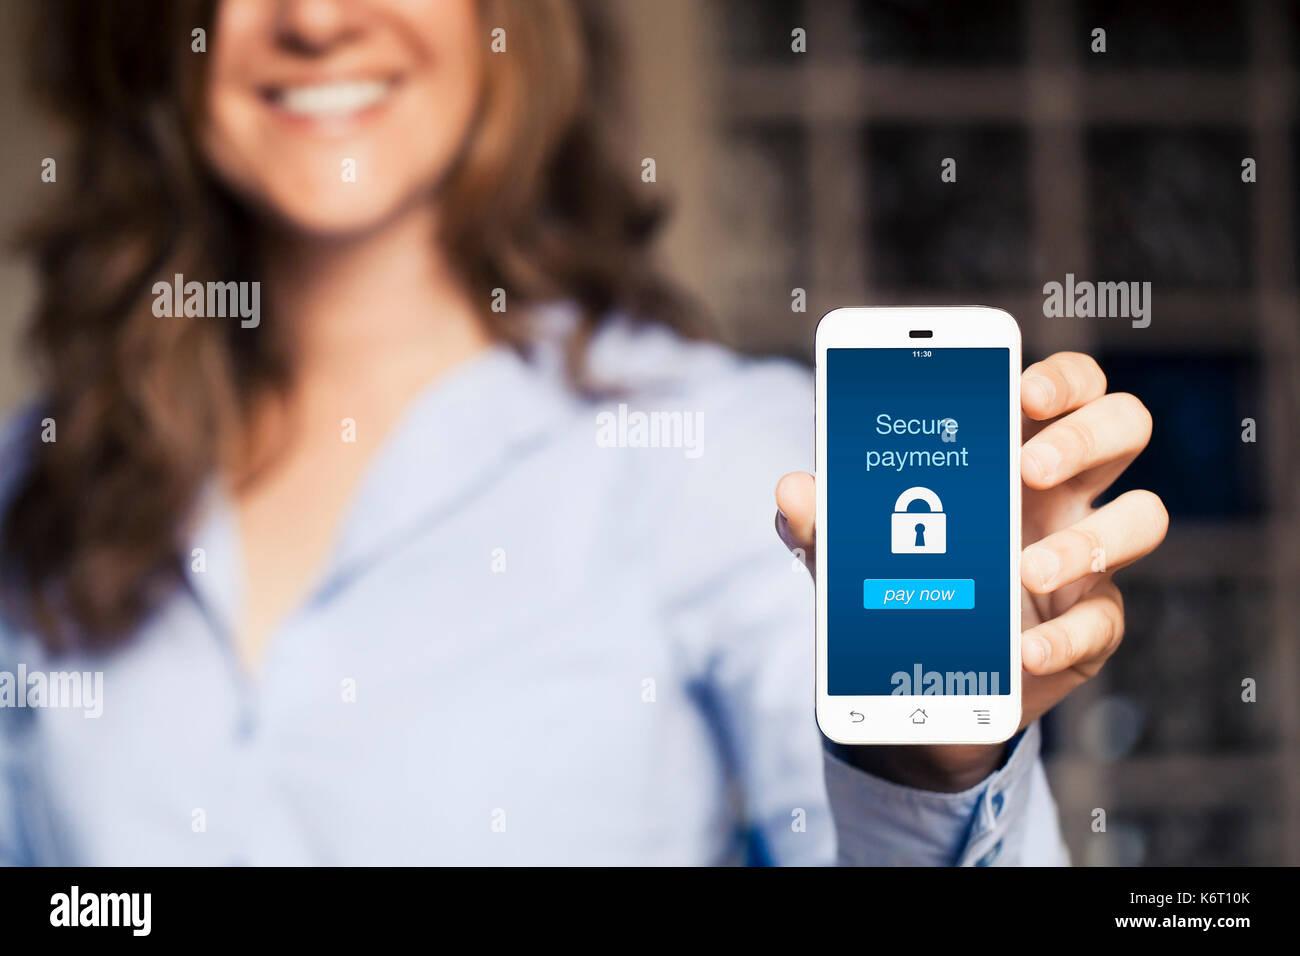 Pagamento sicuro di notifica in un telefono cellulare schermo. donna utilizzando uno smartphone con servizi di online banking app nella schermata. Immagini Stock